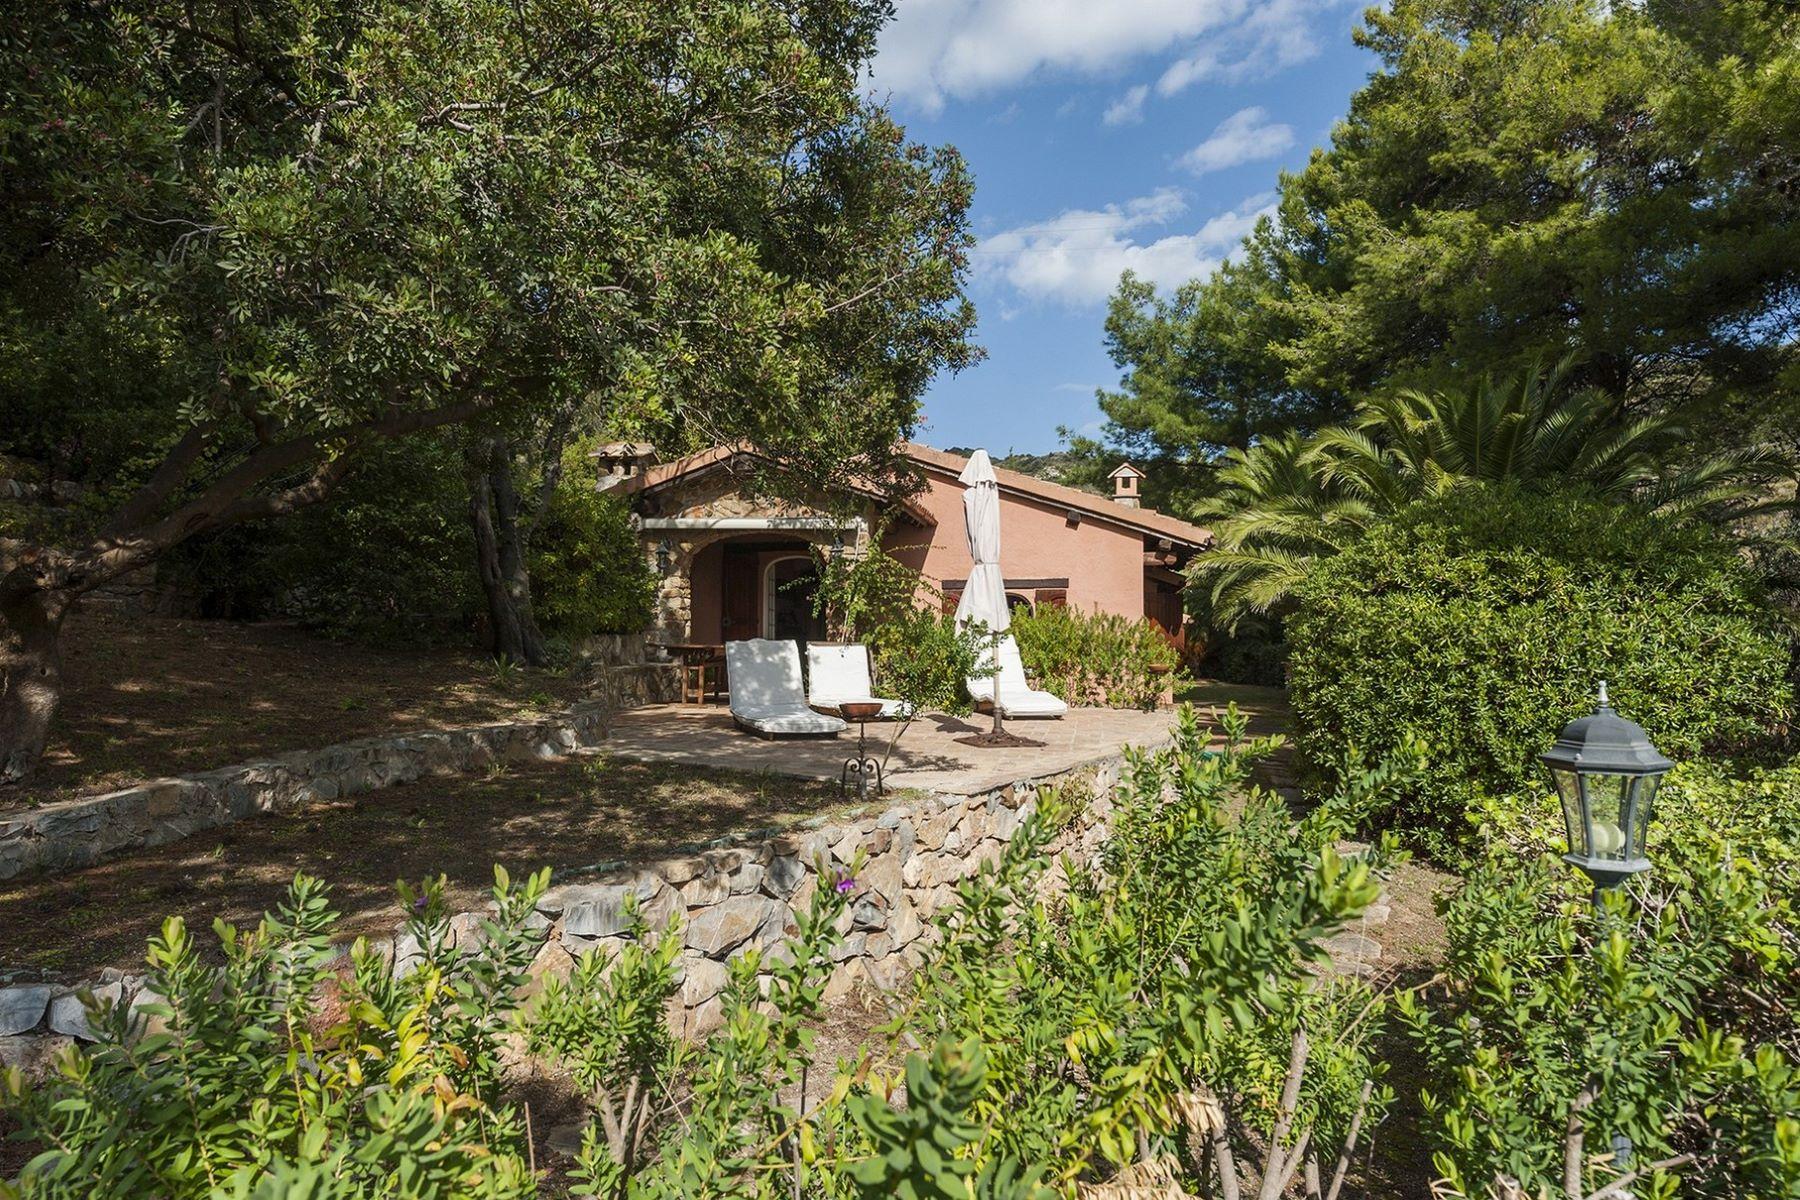 Single Family Home for Sale at Charming Villa near the sea of Monte Argentario Località Cannelle Porto Santo Stefano, Grosseto 58019 Italy